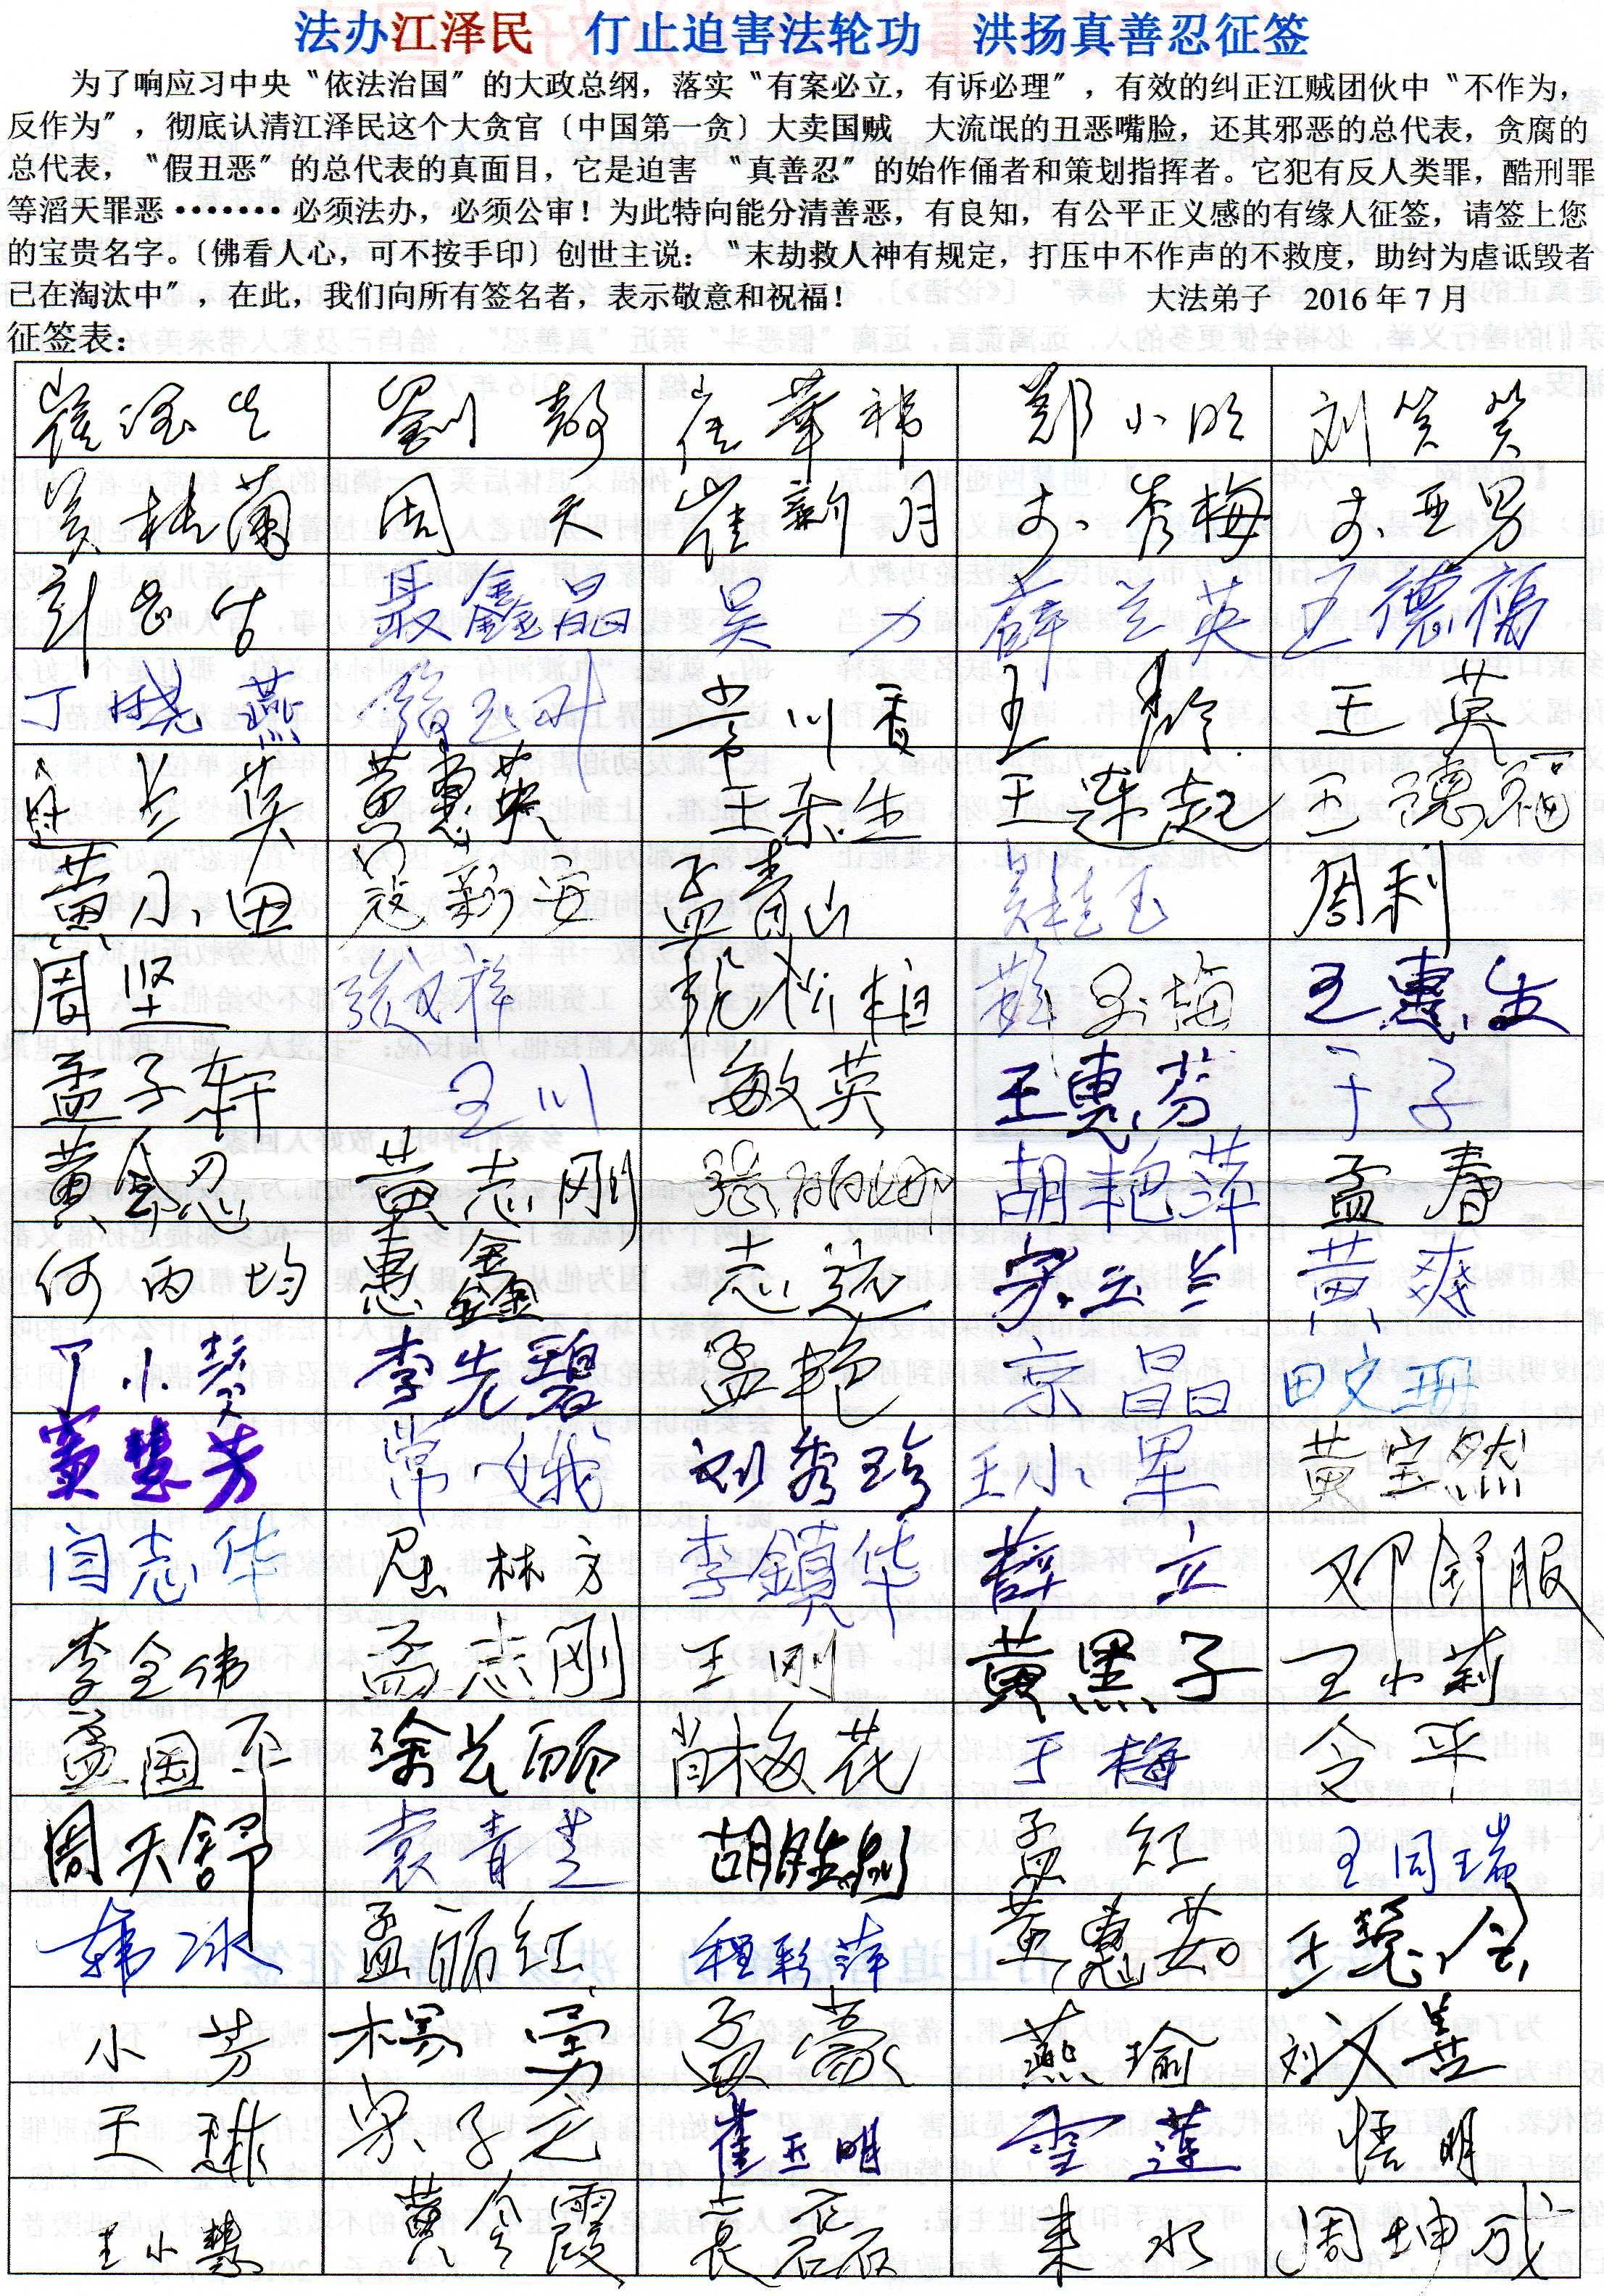 北京民众举报江泽民。(明慧网)